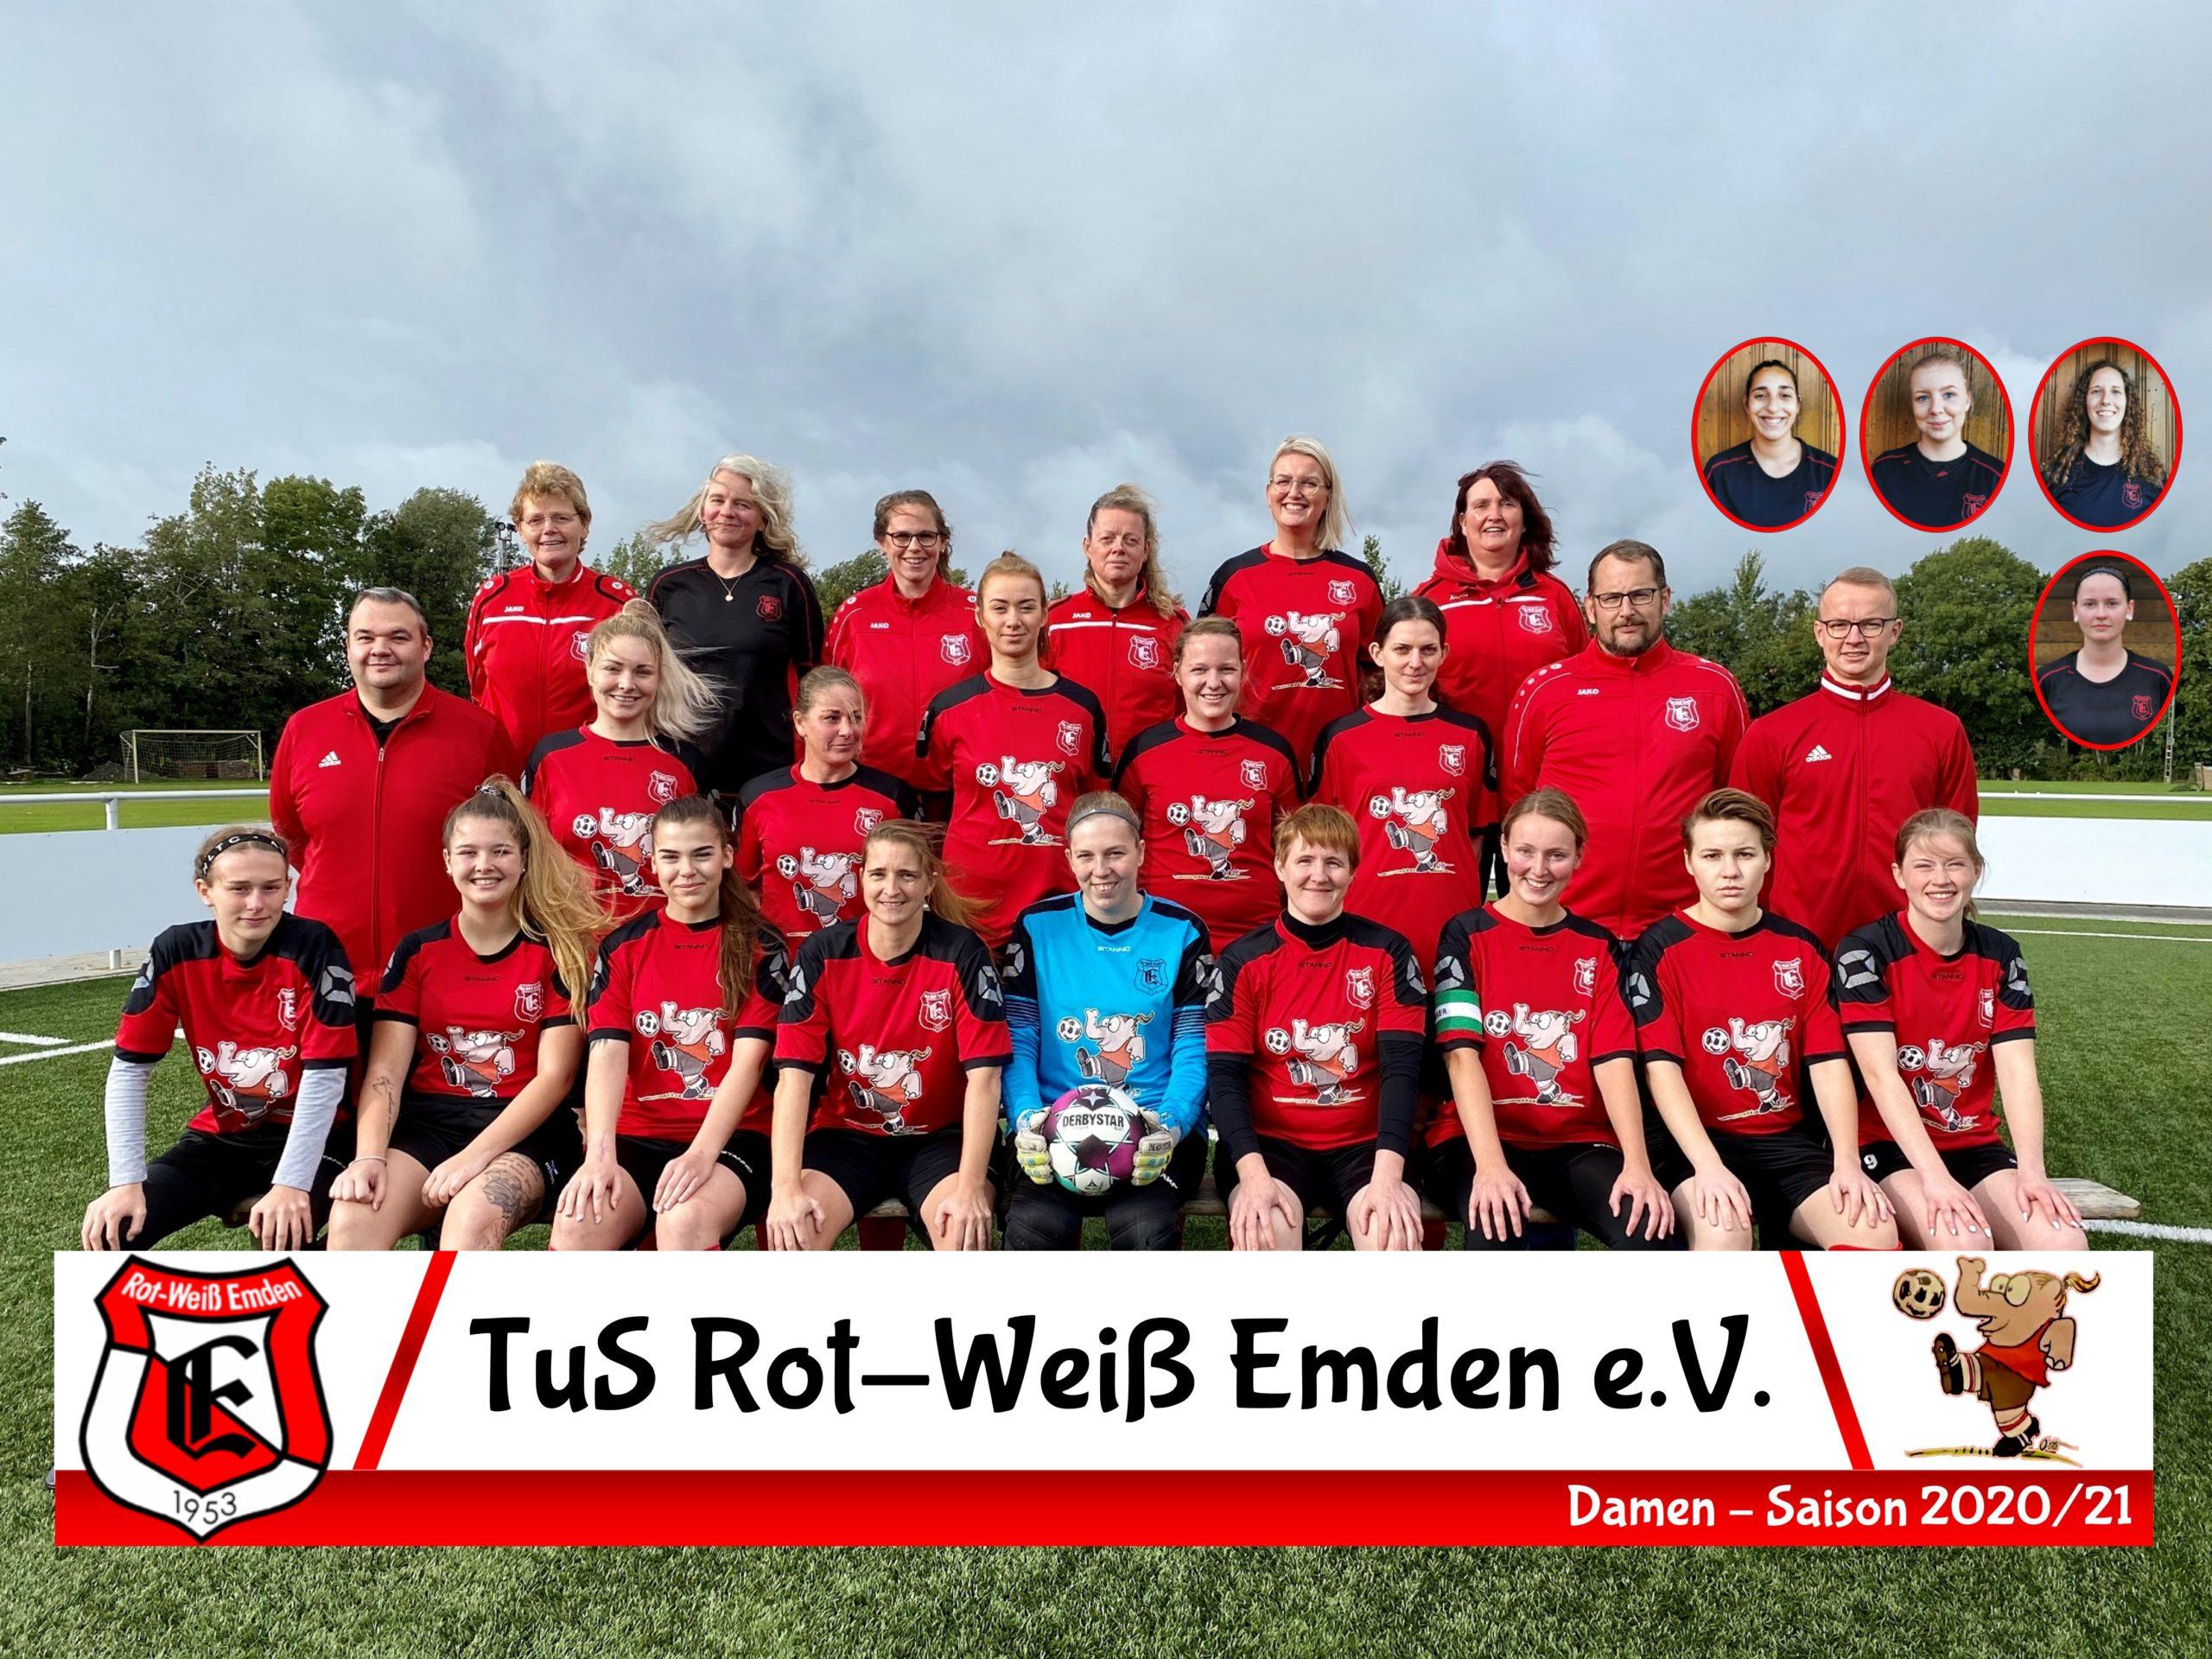 TuS Rot-Weiß Emden Damen Saison 20/21